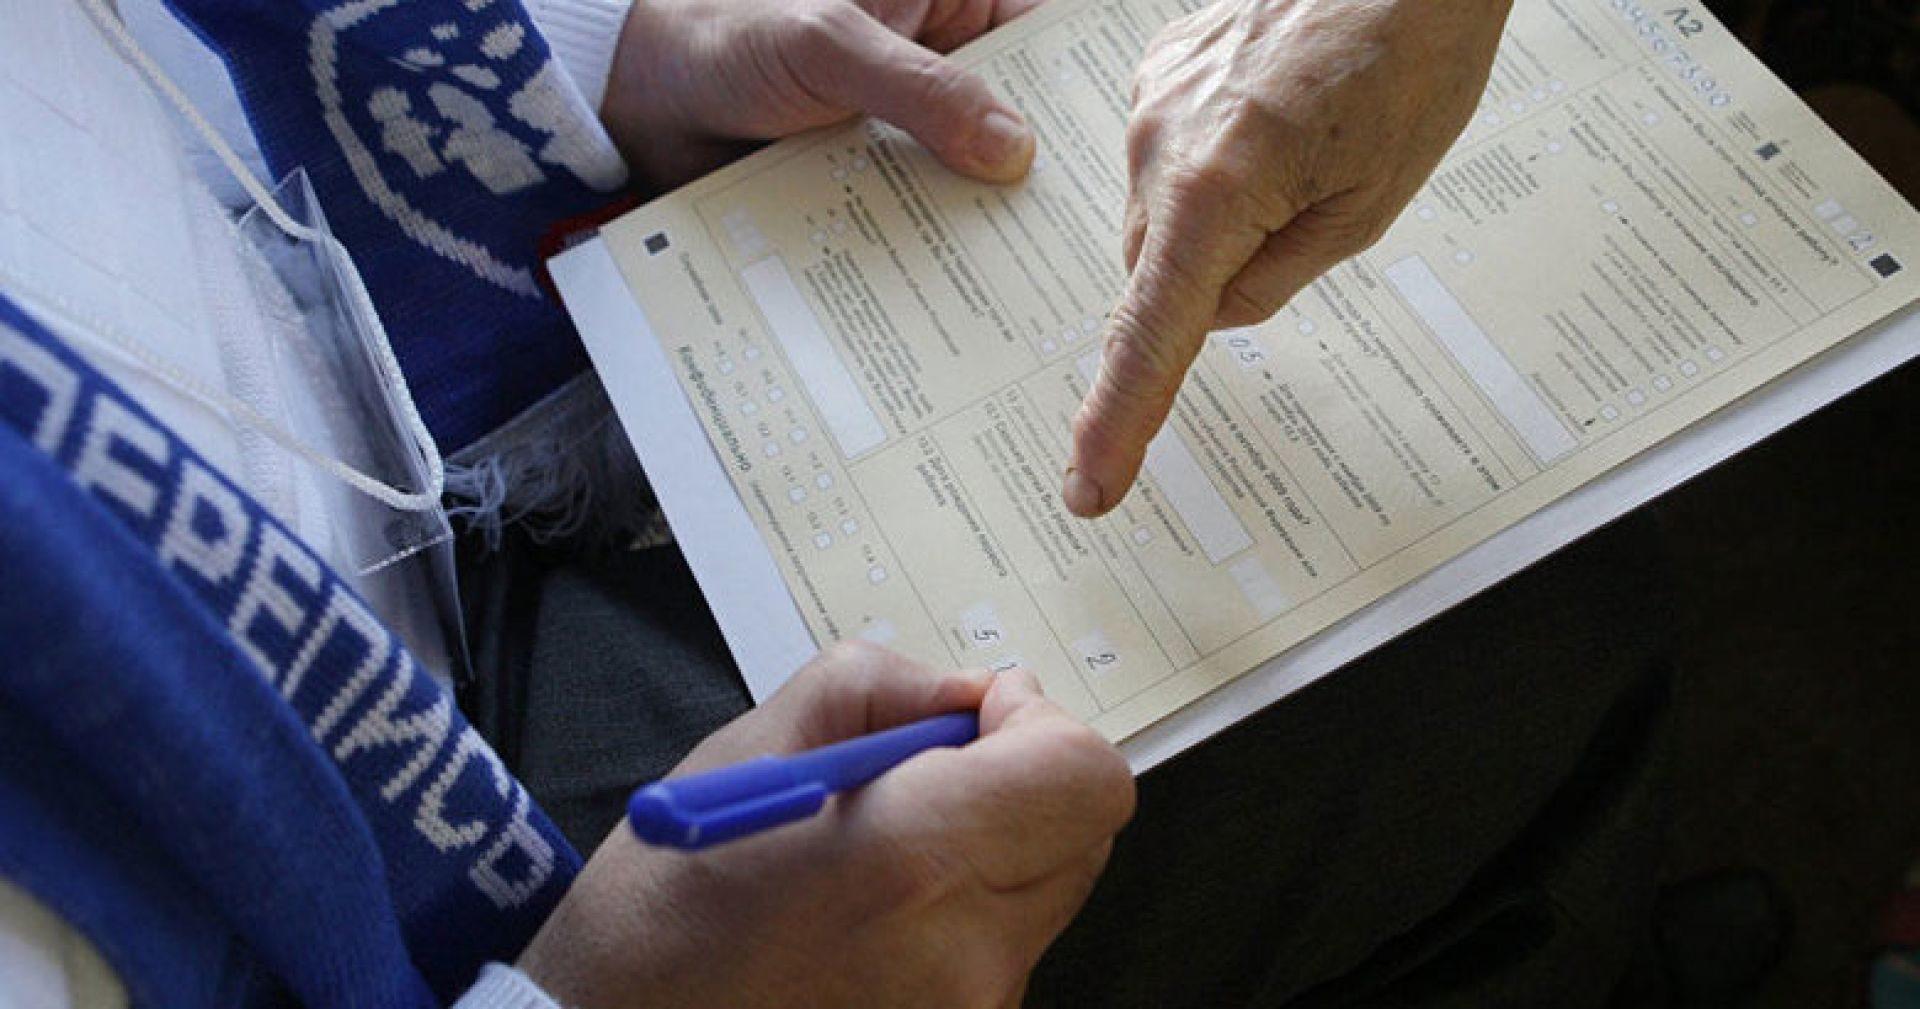 Всероссийская перепись населения стартует в Марий Эл 15 октября